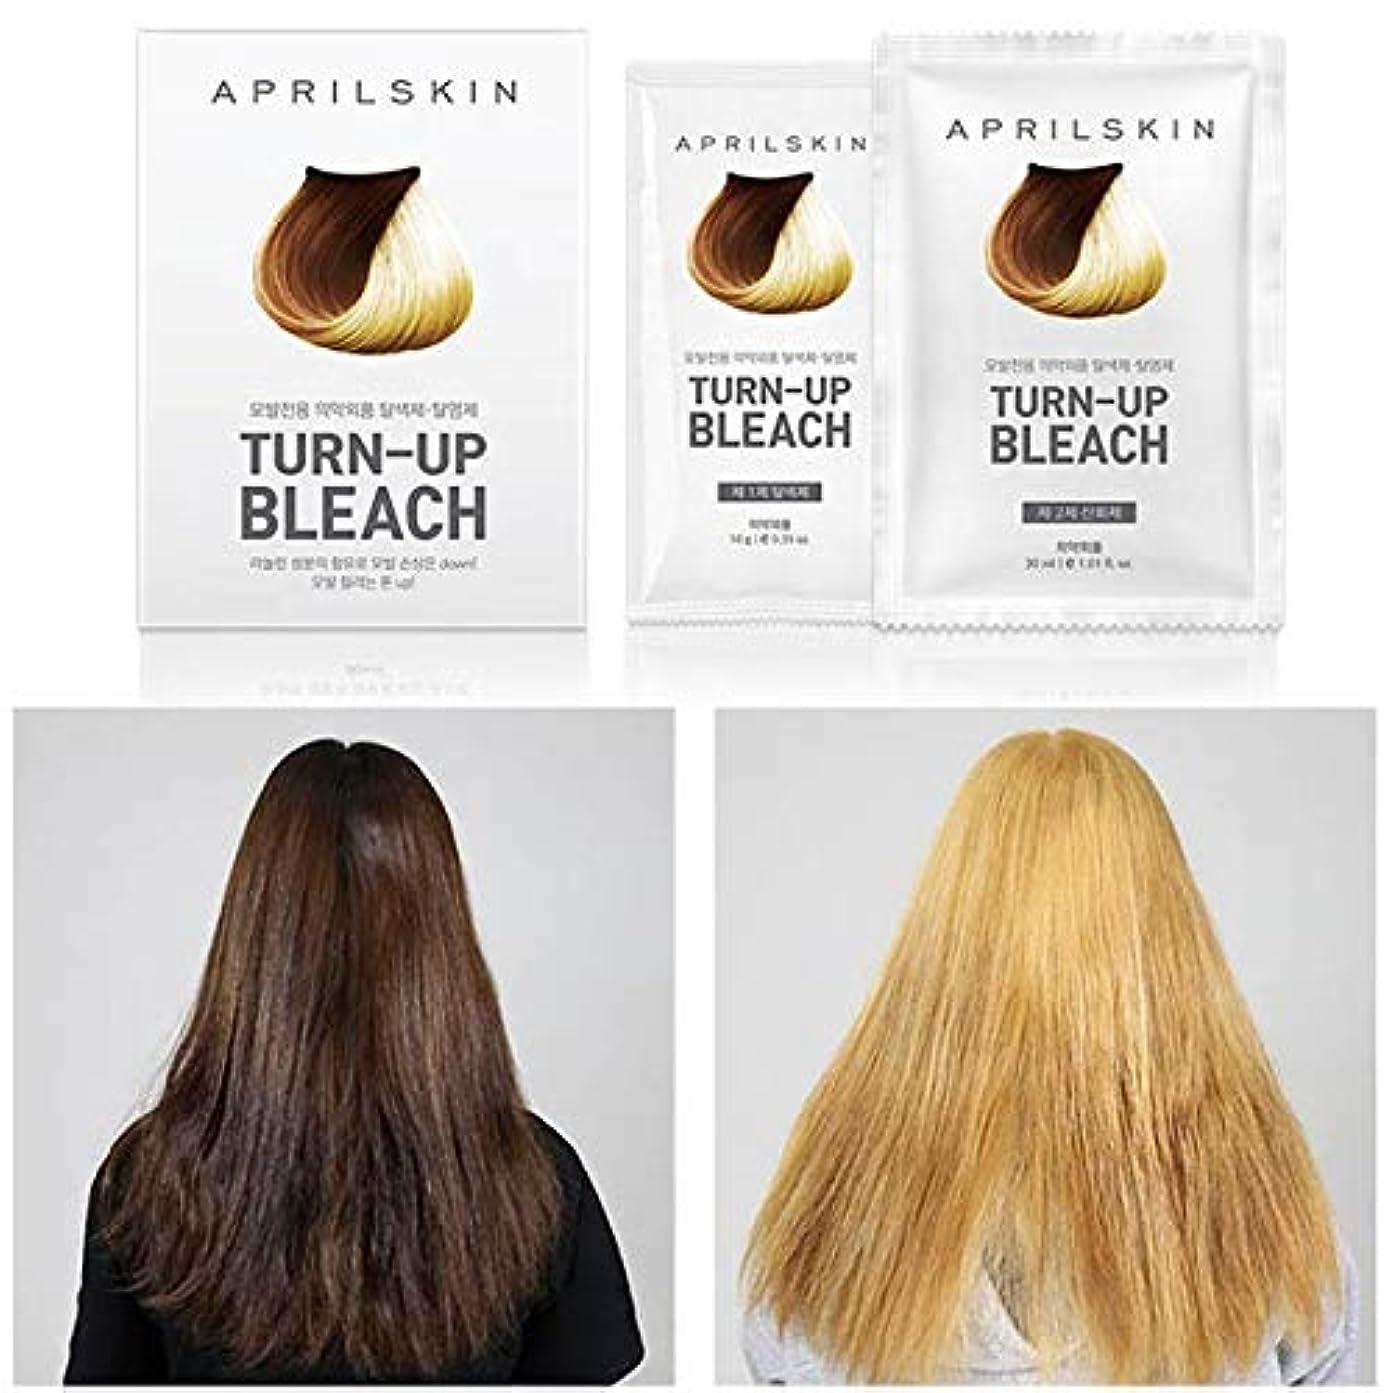 キャリッジ返済衣装エープリル?スキン [韓国コスメ April Skin] 漂白ブリーチ(ヘアブリーチ)Turn Up Bleach (Hair Bleach)/Korea Cosmetics